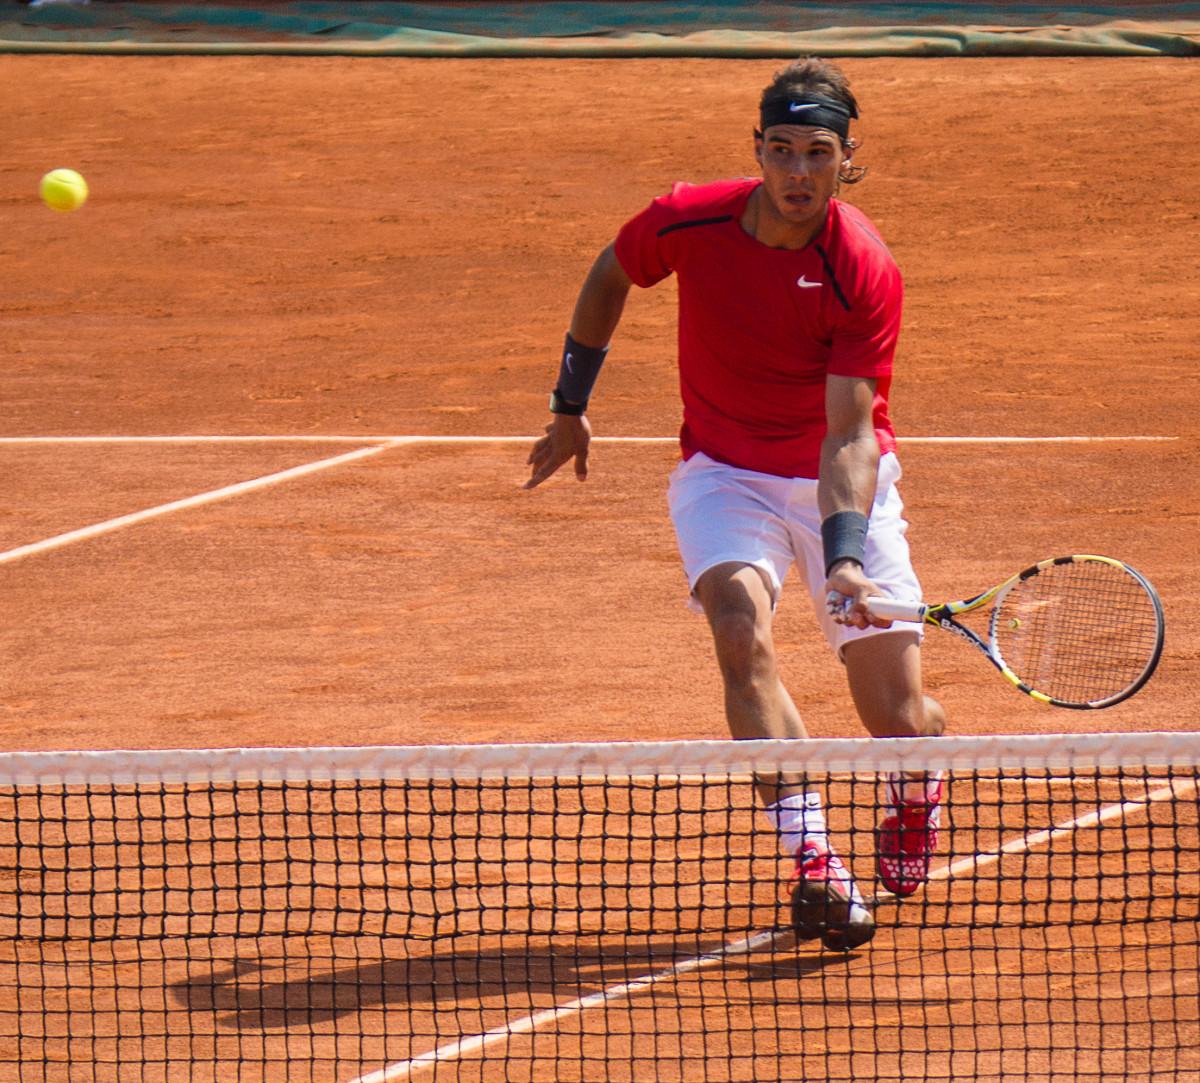 Nadal preparing to volley.